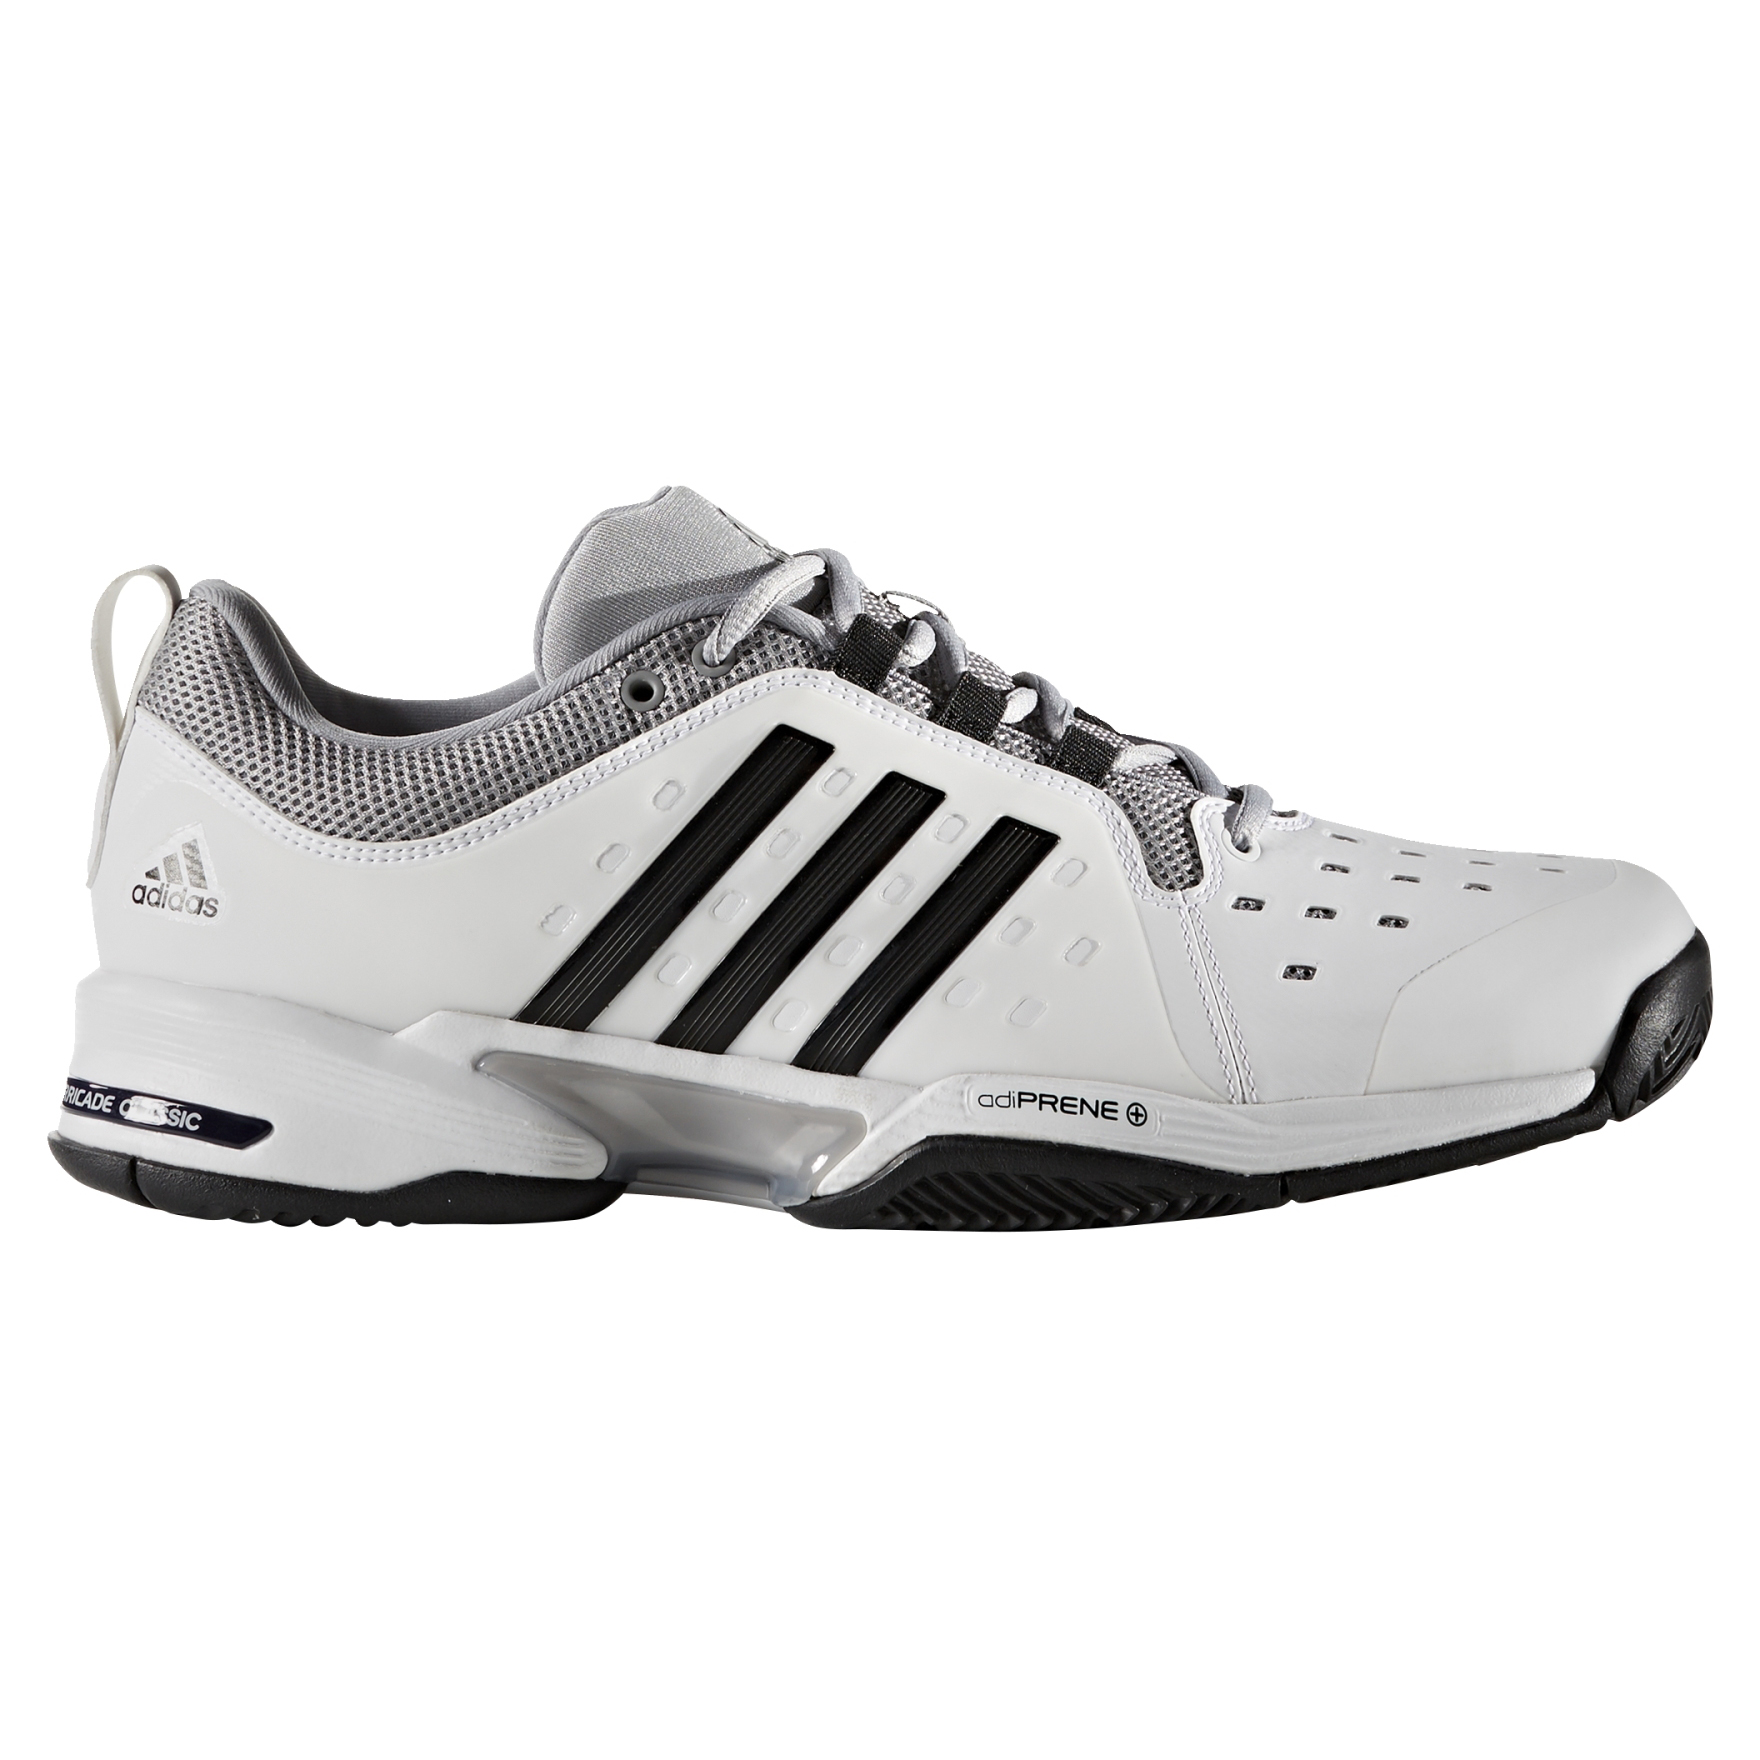 adidas Barricade Classic Wide 4E Men's